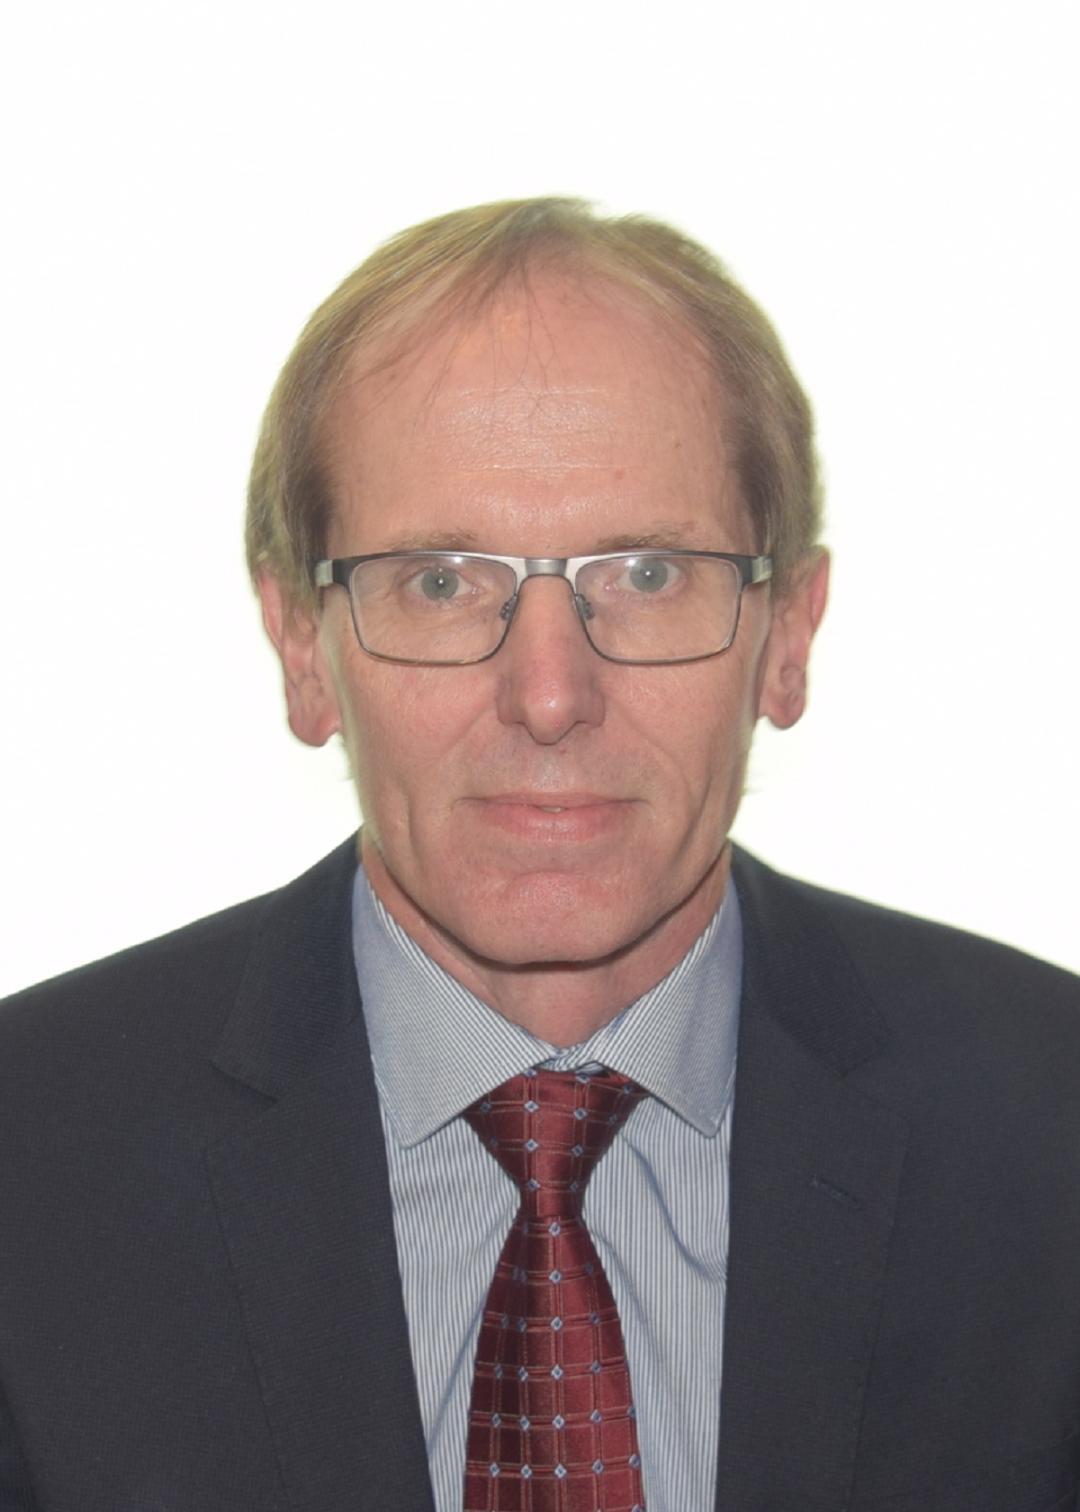 BOG member Ian Murray